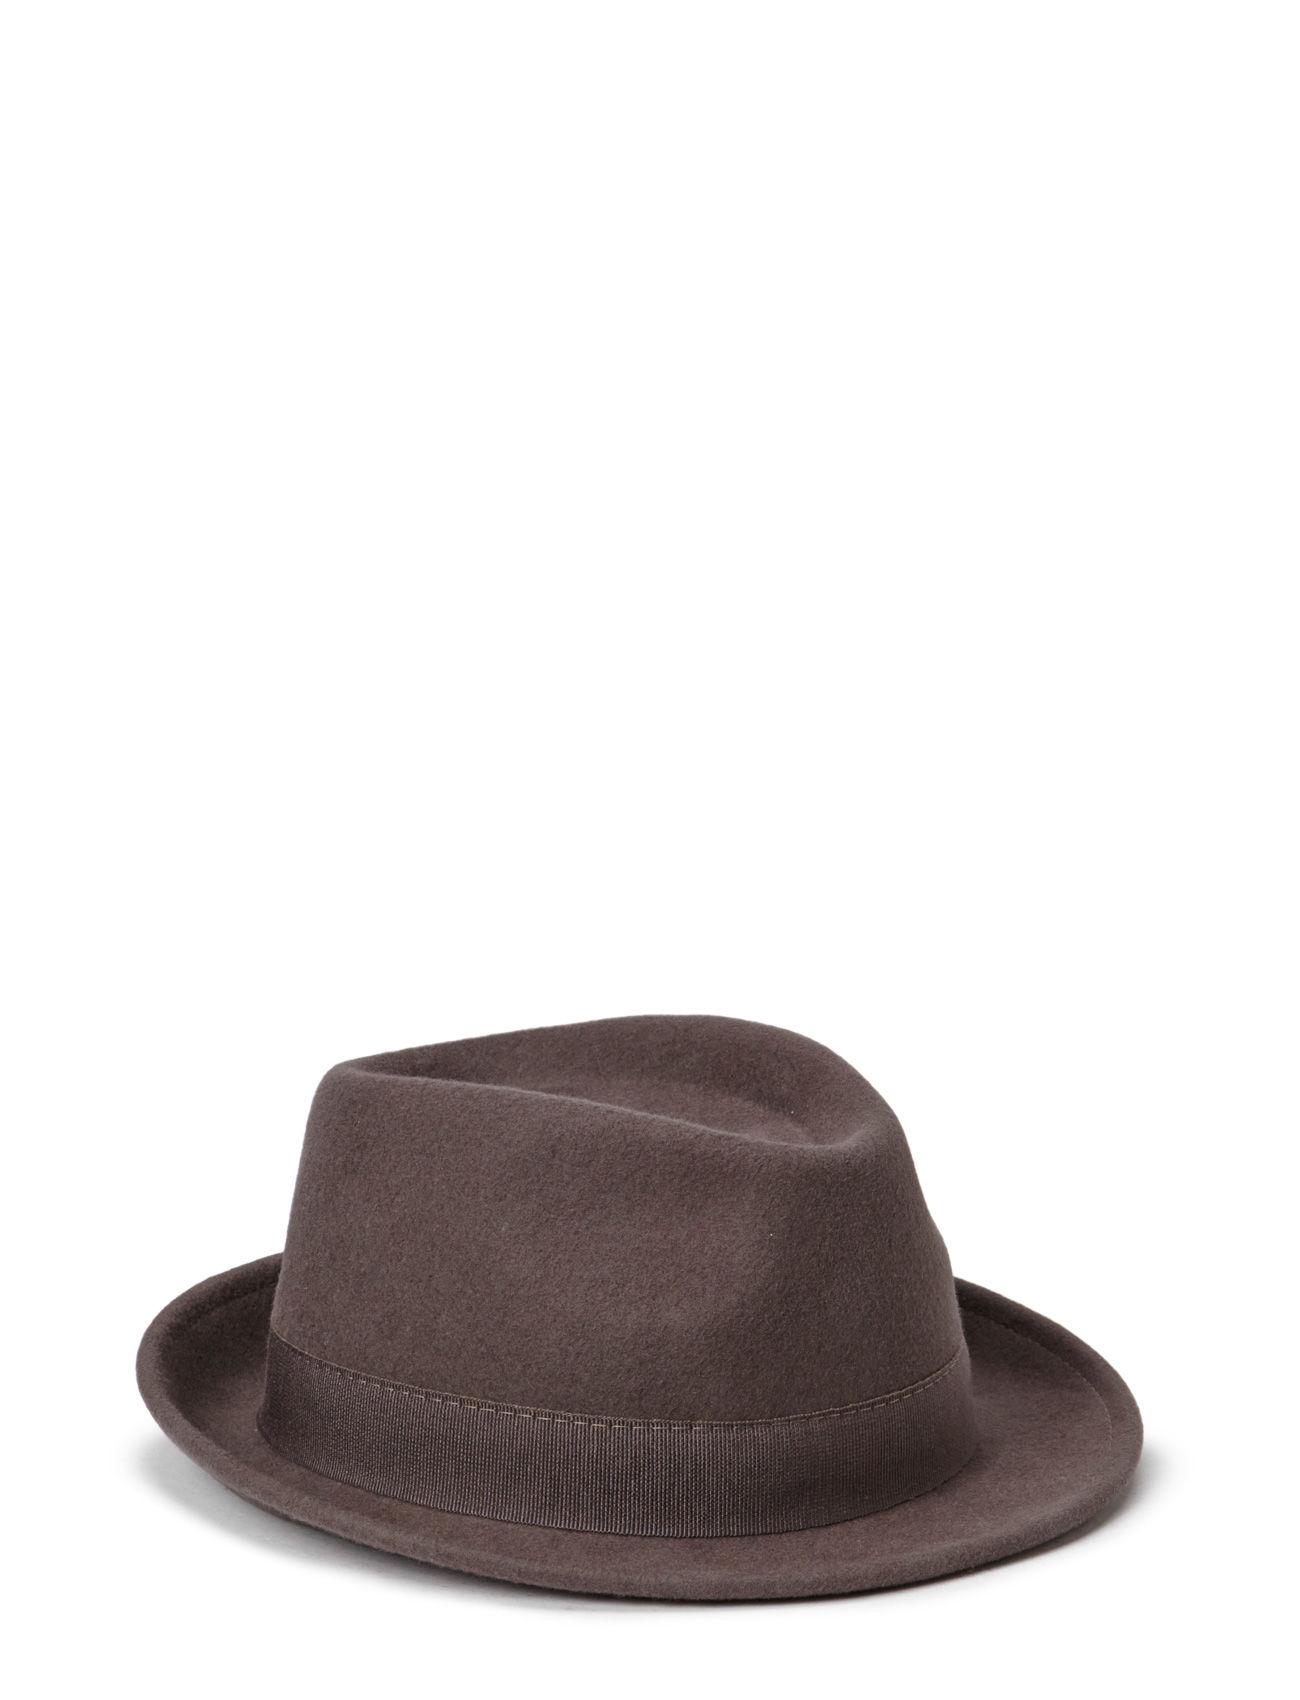 Mjm Snap Wool Felt Anthracite MJM Hatte & Caps til Herrer i Antracit grå